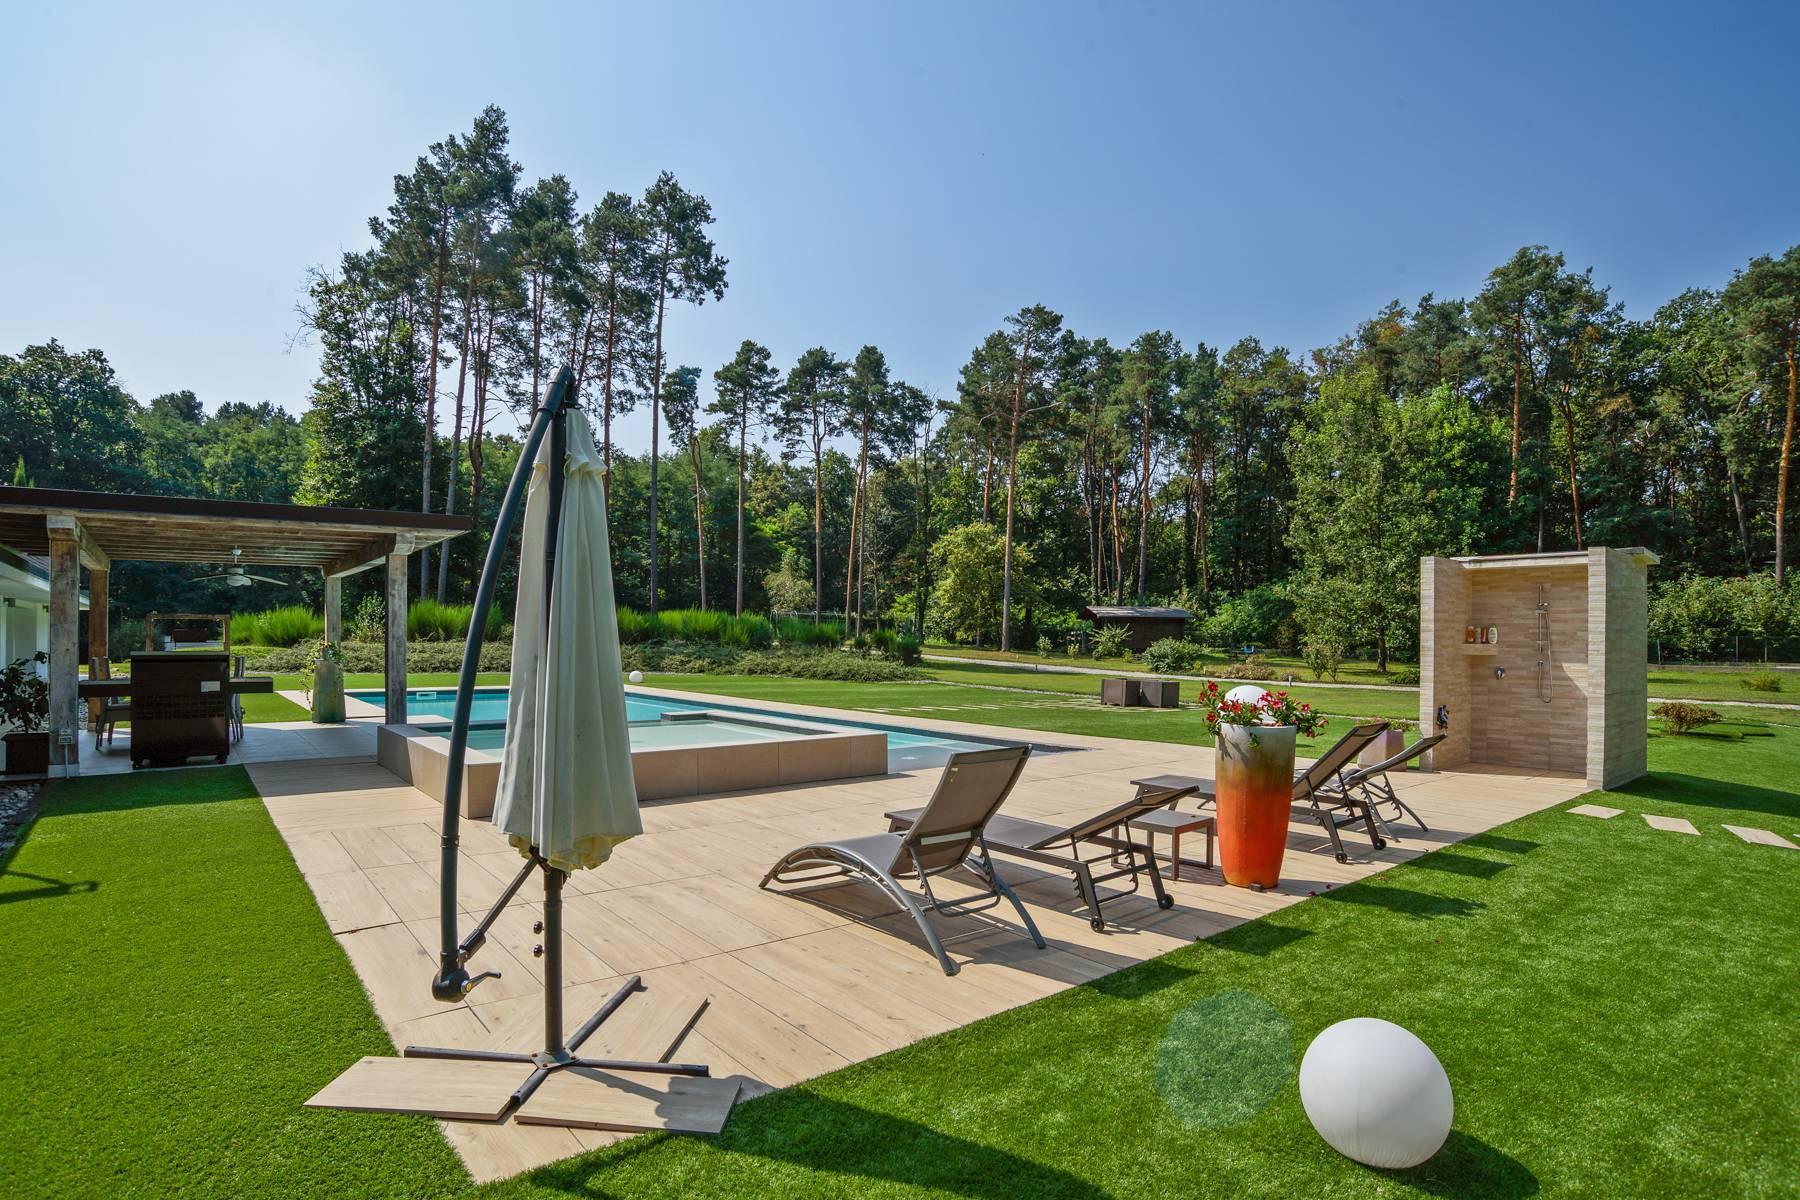 Charmante villa moderne nichée dans la nature - 33